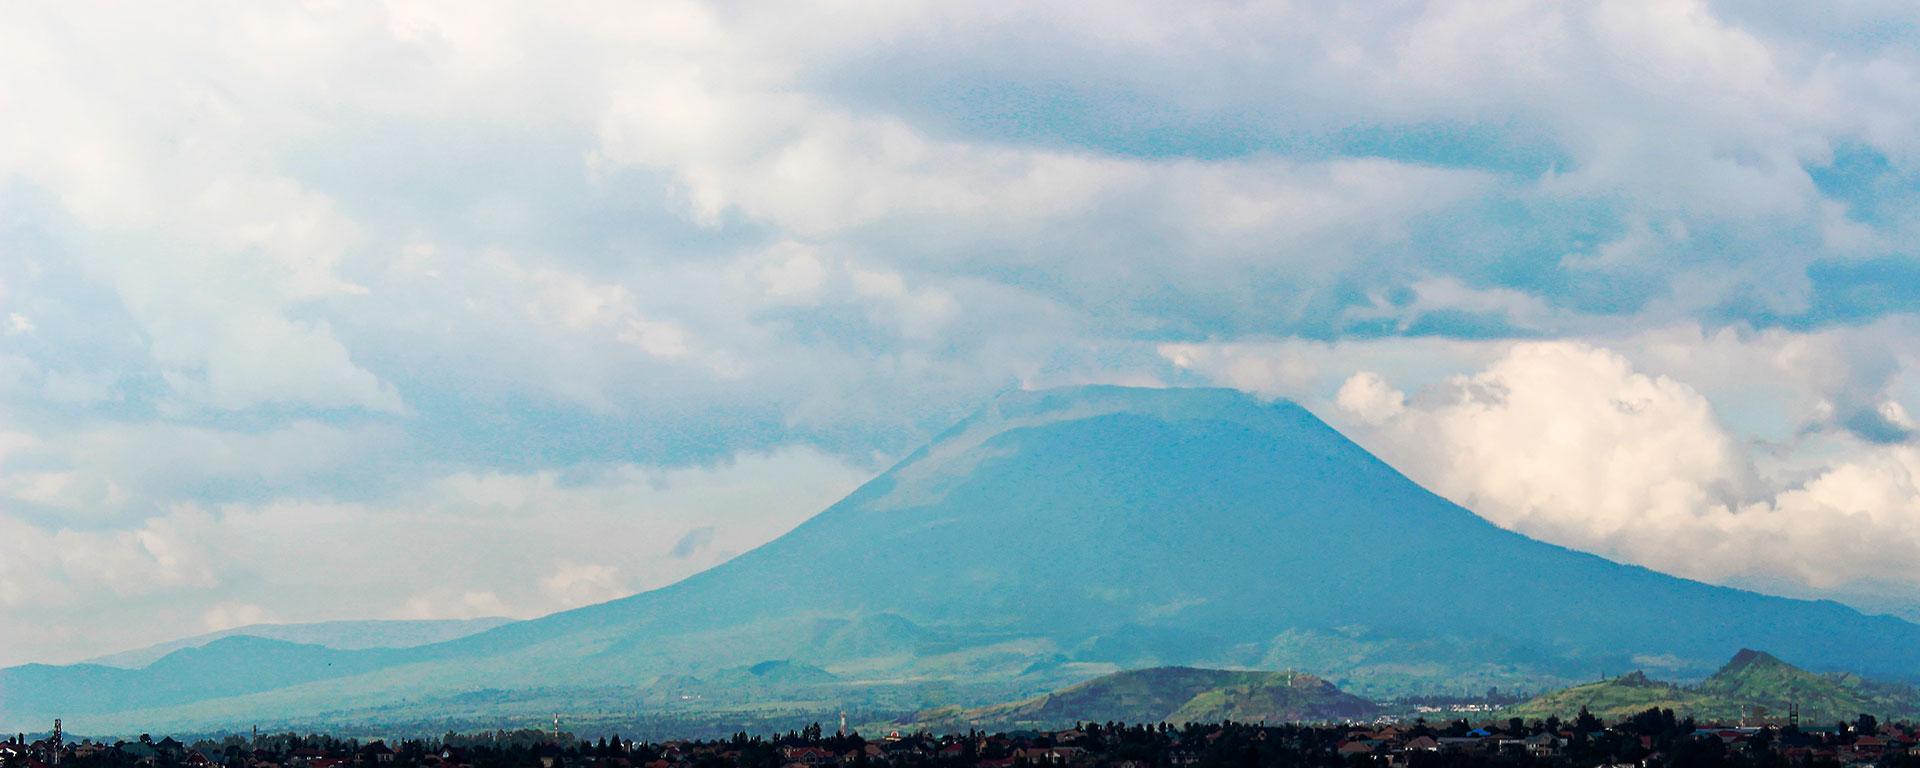 NYIRAGONGO - CONGO: Uno de los volcanes más activos en la actualidad. Durante 1977 causó varias decenas de muertos al entrar en erupción, de manera sorpresiva